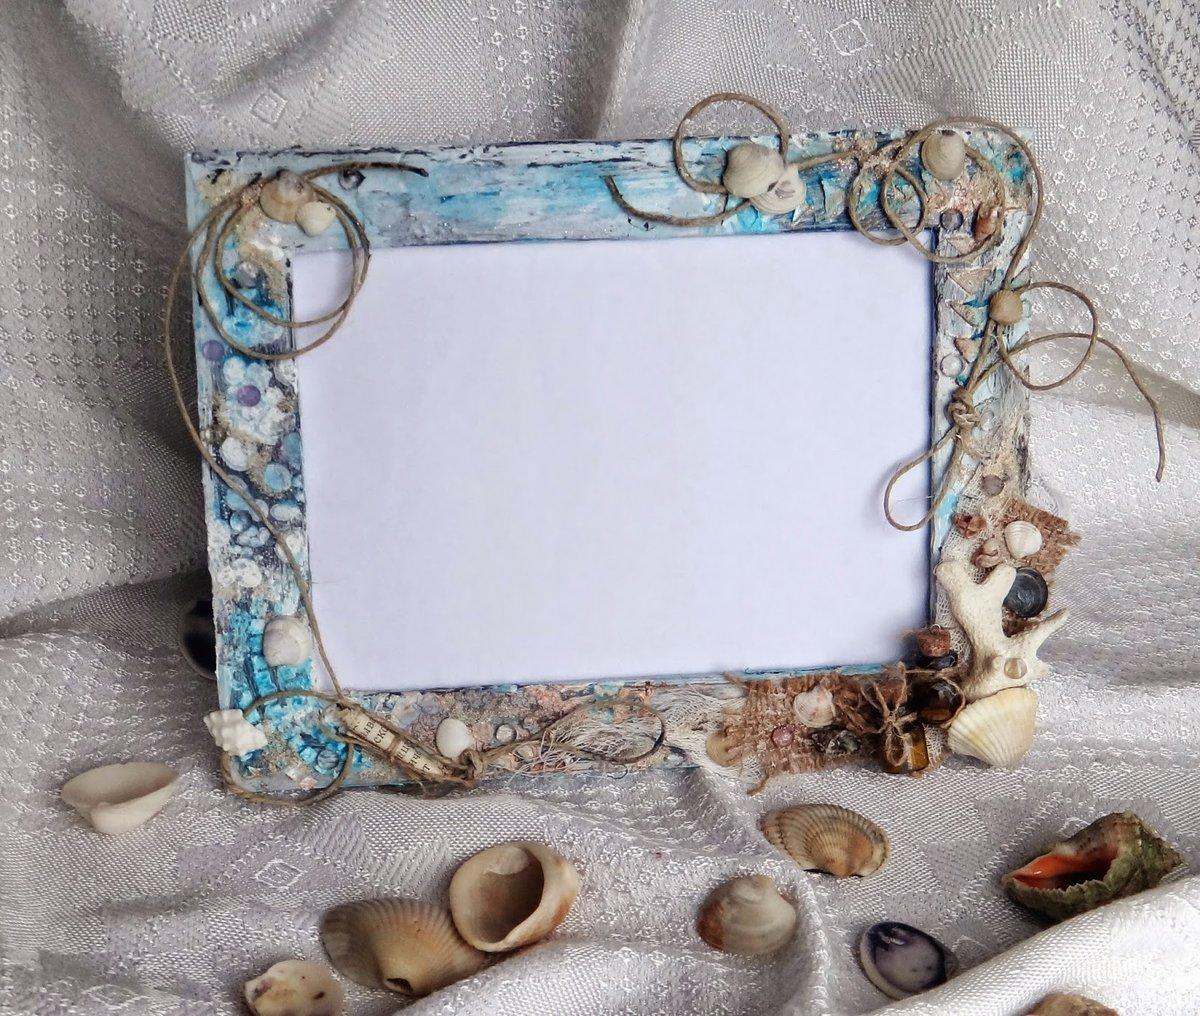 фото в рамку для декора брюнетка длинными